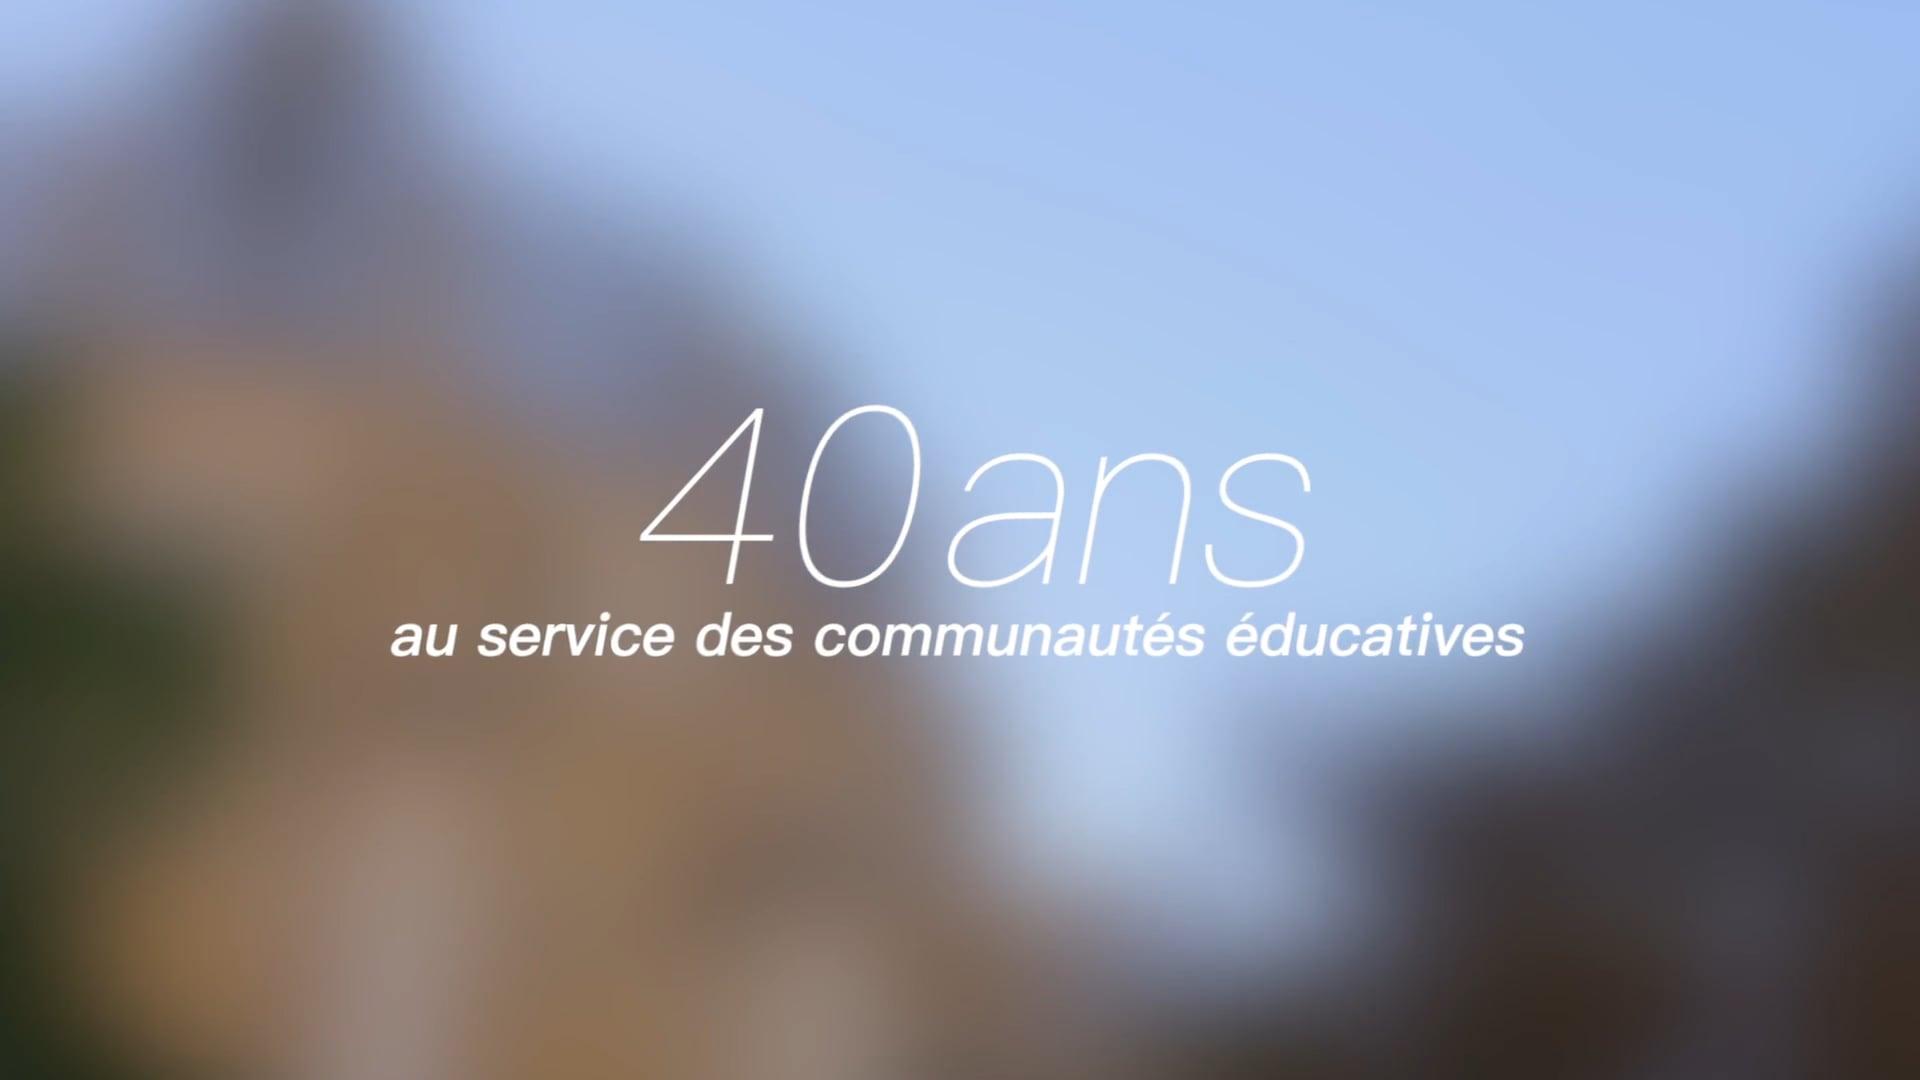 IFEAP, 40 ans au service des communautés éducatives